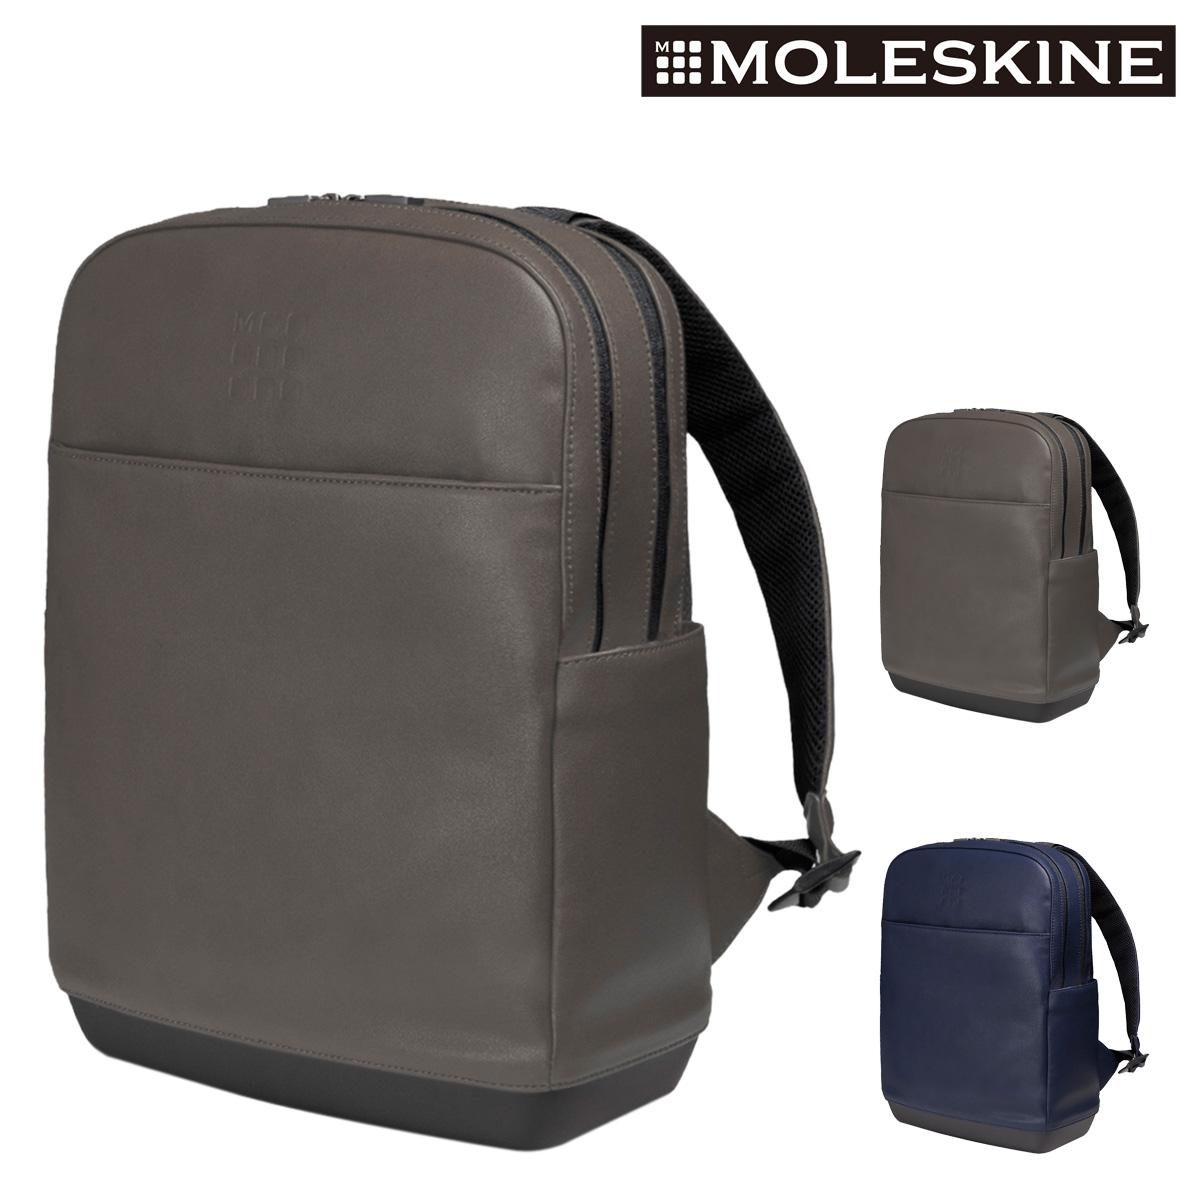 モレスキン リュック CLASSIC PU メンズ レディース Moleskine | リュックサック